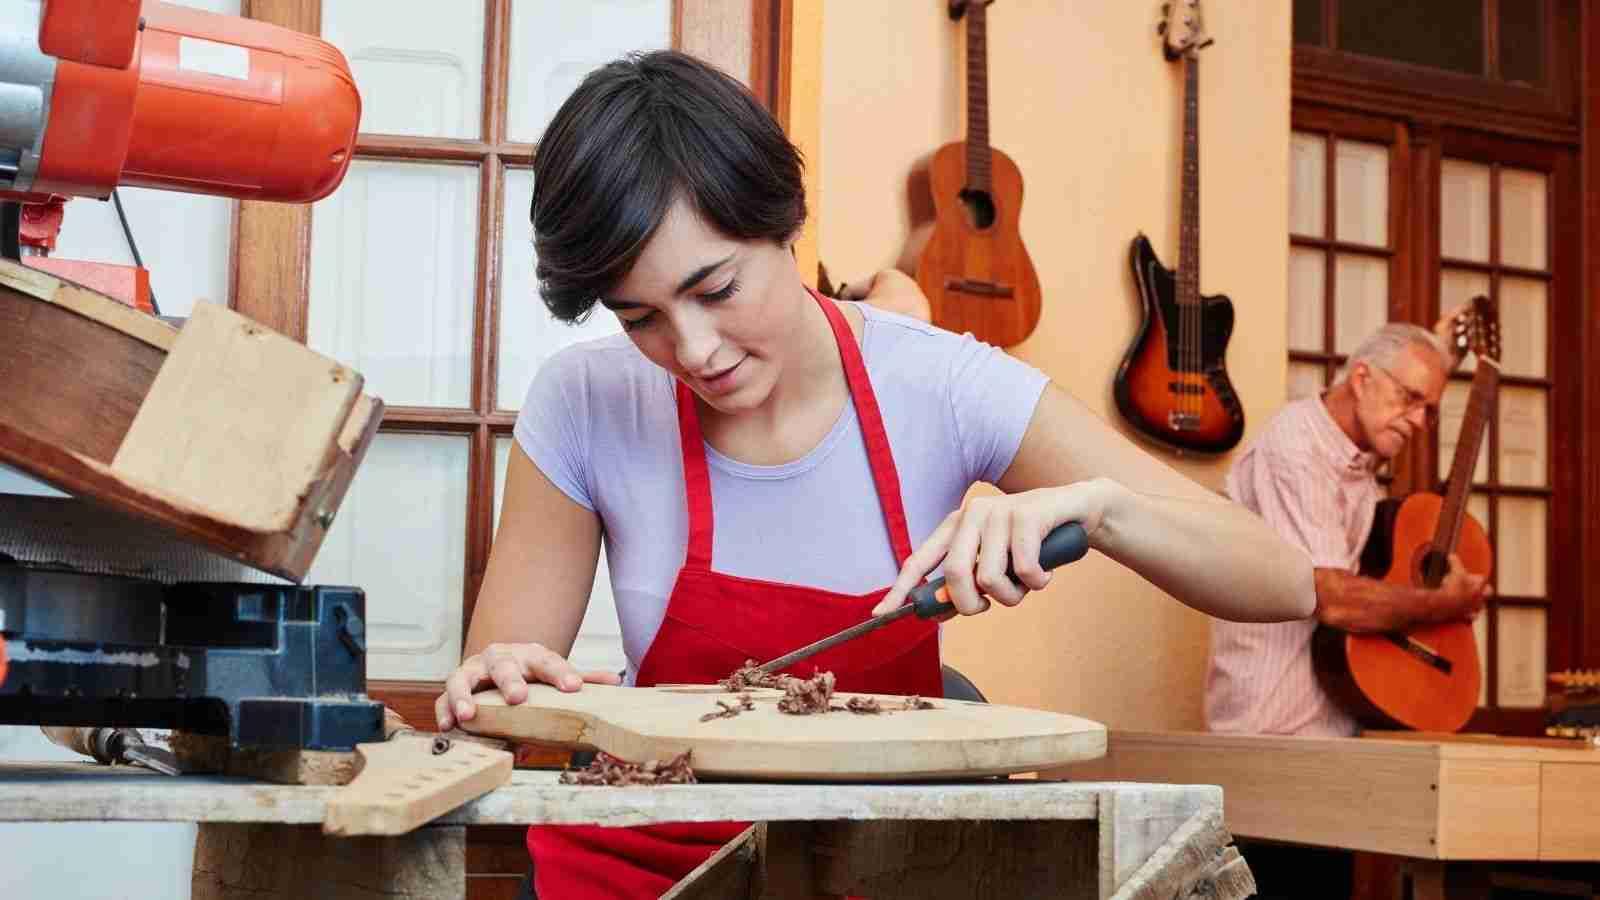 Apprenticeship scheme extended, but still not enough women